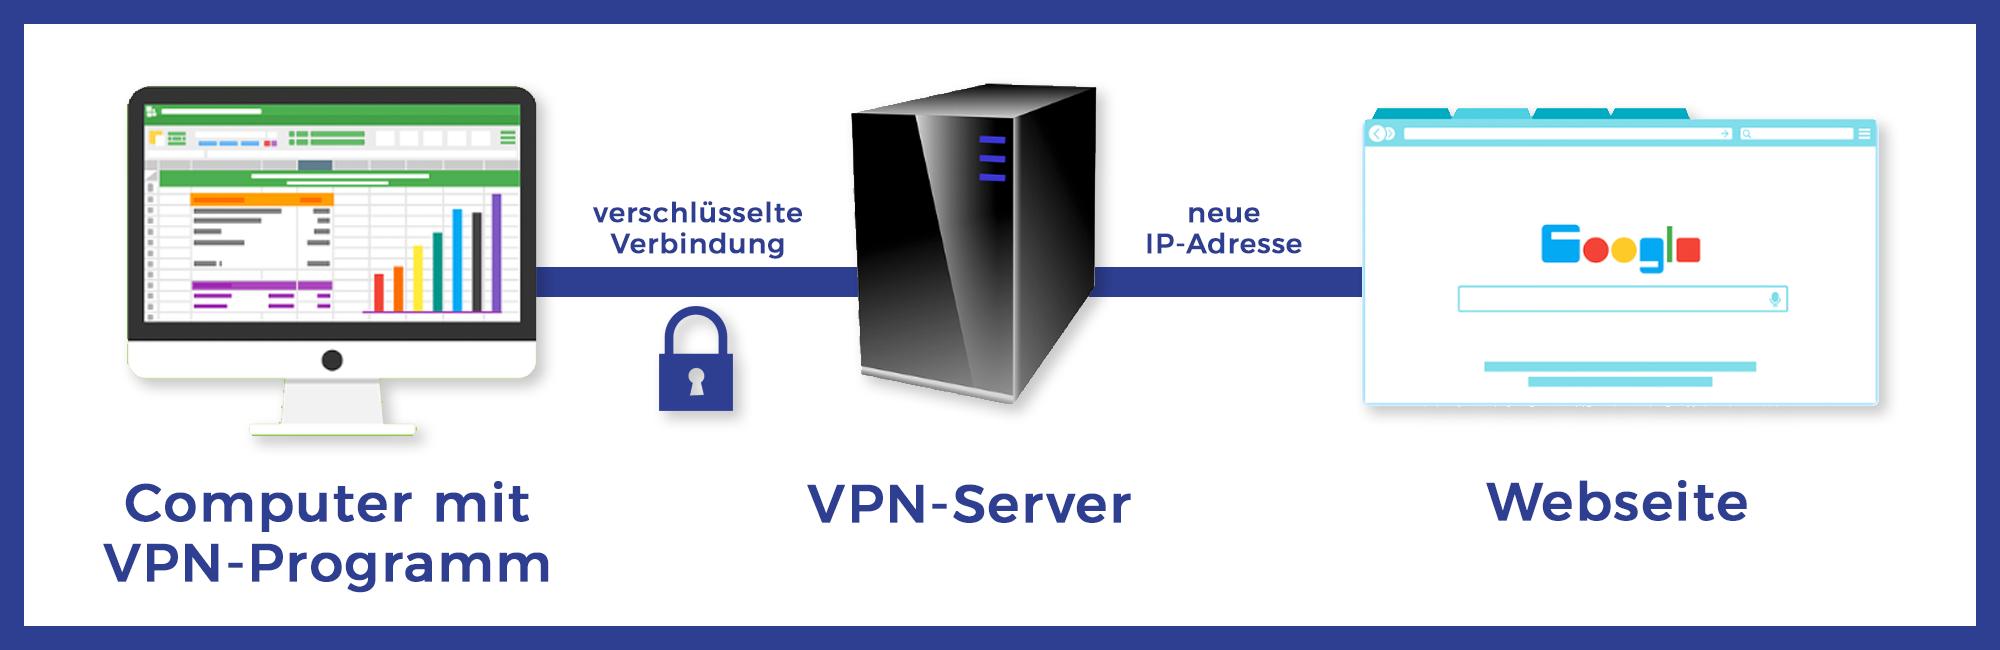 Beispiel: Verbindung mit VPN